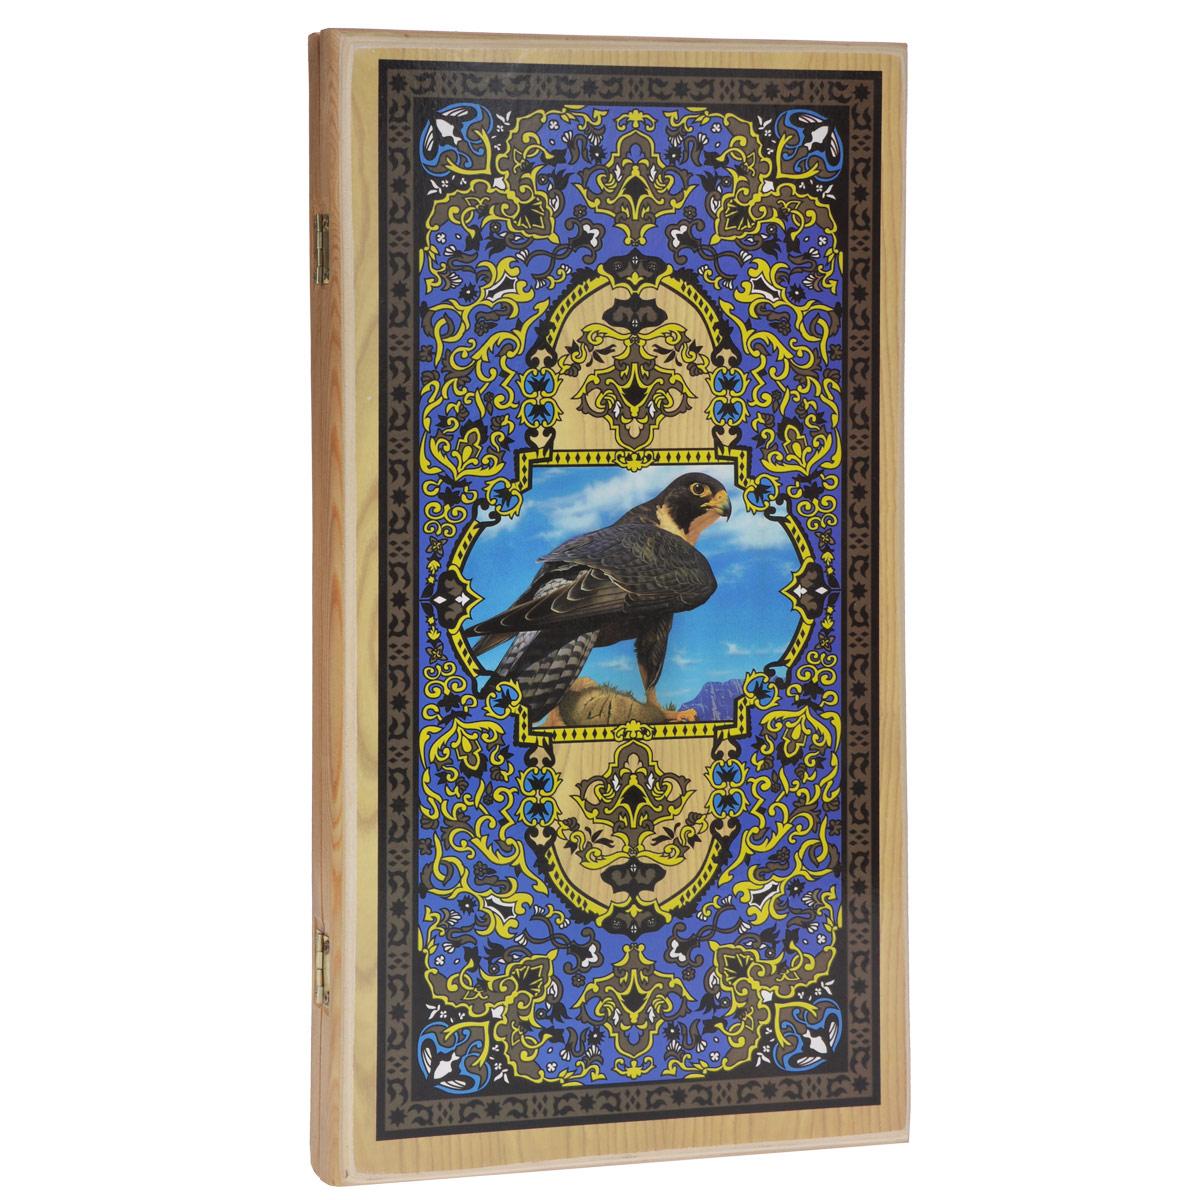 Нарды малые Походные. Орел, цвет: светлое дерево, размер: 40х20х4 см. 1045/51045/5 светлНарды Походные. Орел представляют собой деревянный кейс, который закрывается на металлический замок. Крышка оформлена орнаментом. Внутренняя часть кейса - игровое поле для игры в нарды. В наборе имеются два игральных кубика и деревянные шашки. Цель игры состоит в том, чтобы сначала привести шашки в свой дом (мешая в тоже время сделать это сопернику), а затем, когда это удалось сделать, снять их с доски быстрее соперника. Побеждает тот, кто первым снял свои шашки. Нарды - древняя восточная игра. Родина этой игры неизвестна, однако, известно, что люди играют в эту игру уже более 7000 лет. На игровой доске для нард все кратно шести и имеет связь со временем. 24 пункта представляют 24 часа, 30 шашек представляют 30 дней в месяце, 12 пунктов на каждой стороне доски символизируют 12 месяцев. Нарды - это отличный подарок, который понравится каждому.